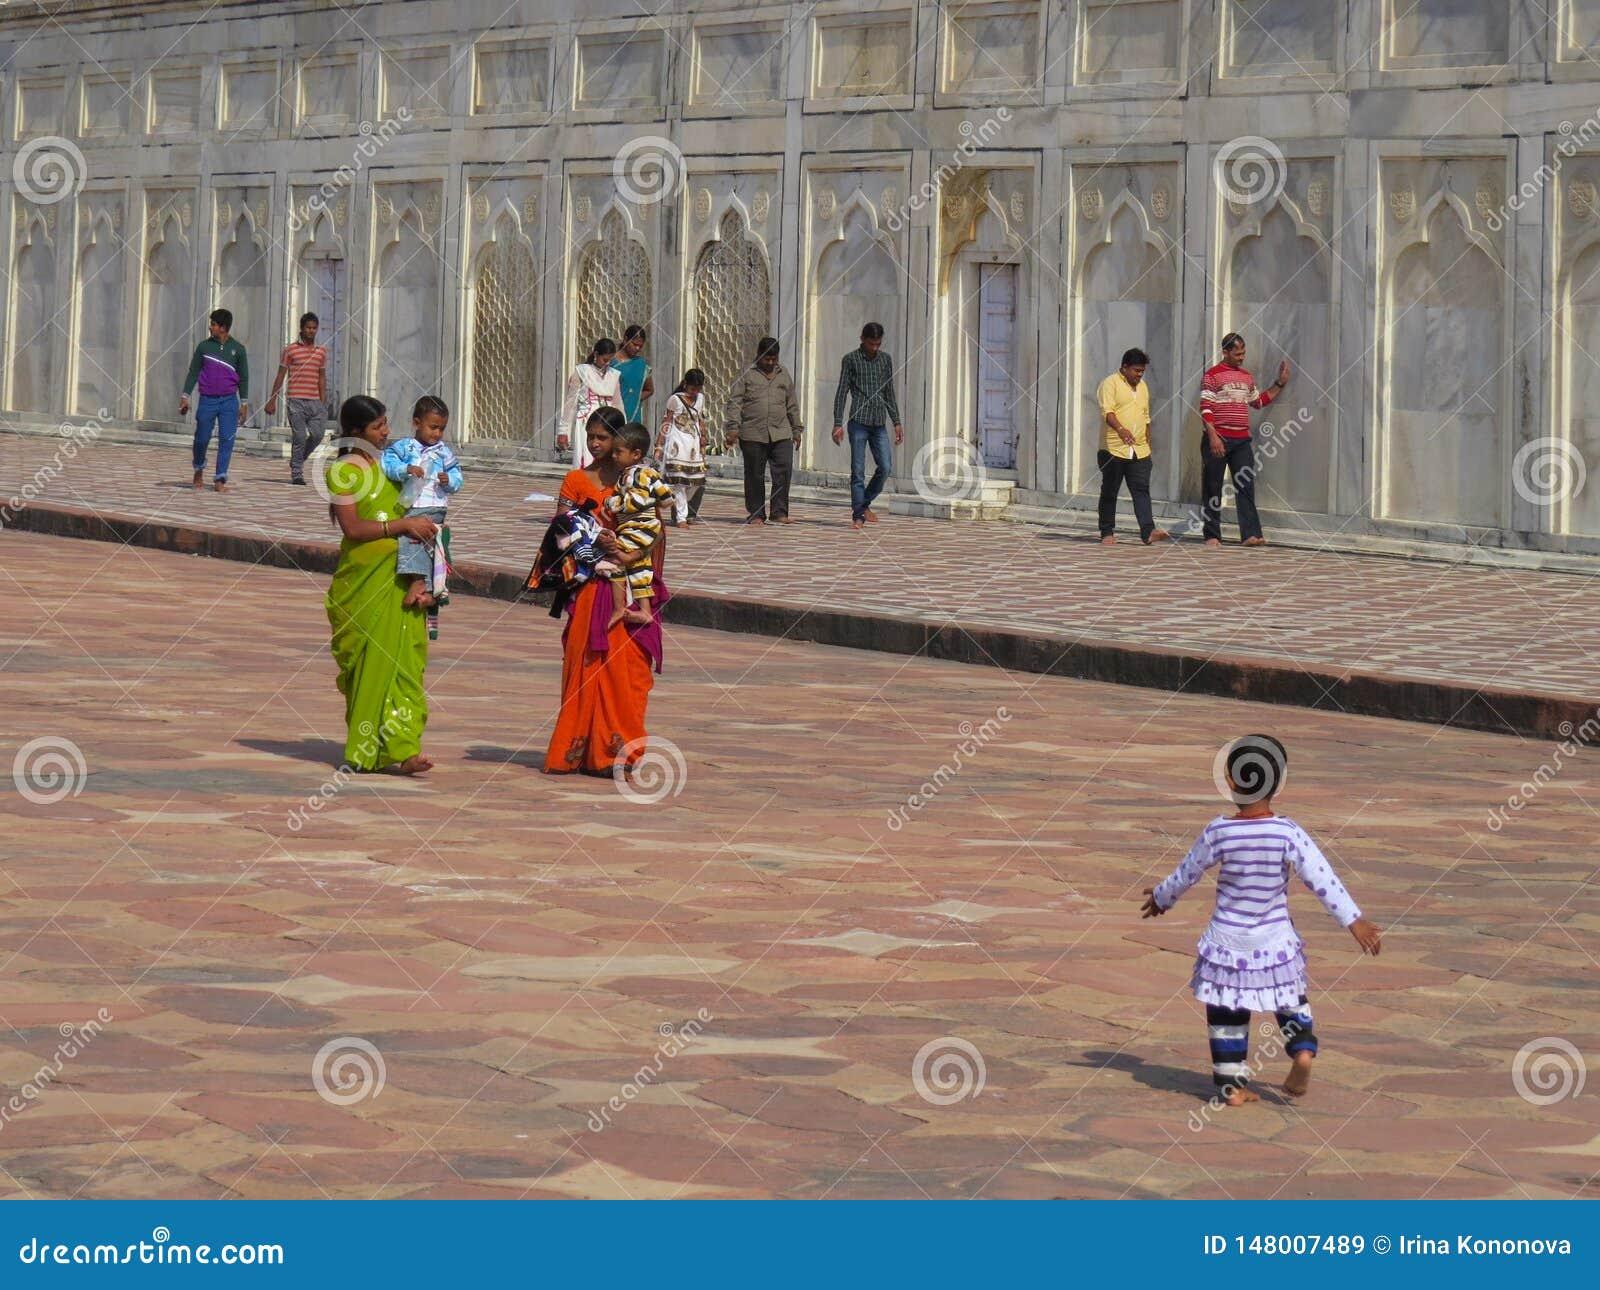 Gagra Indien, November 21, 2013 Indiska mödrar i sari med barn och andra personer nära väggarna av Taj Mahal